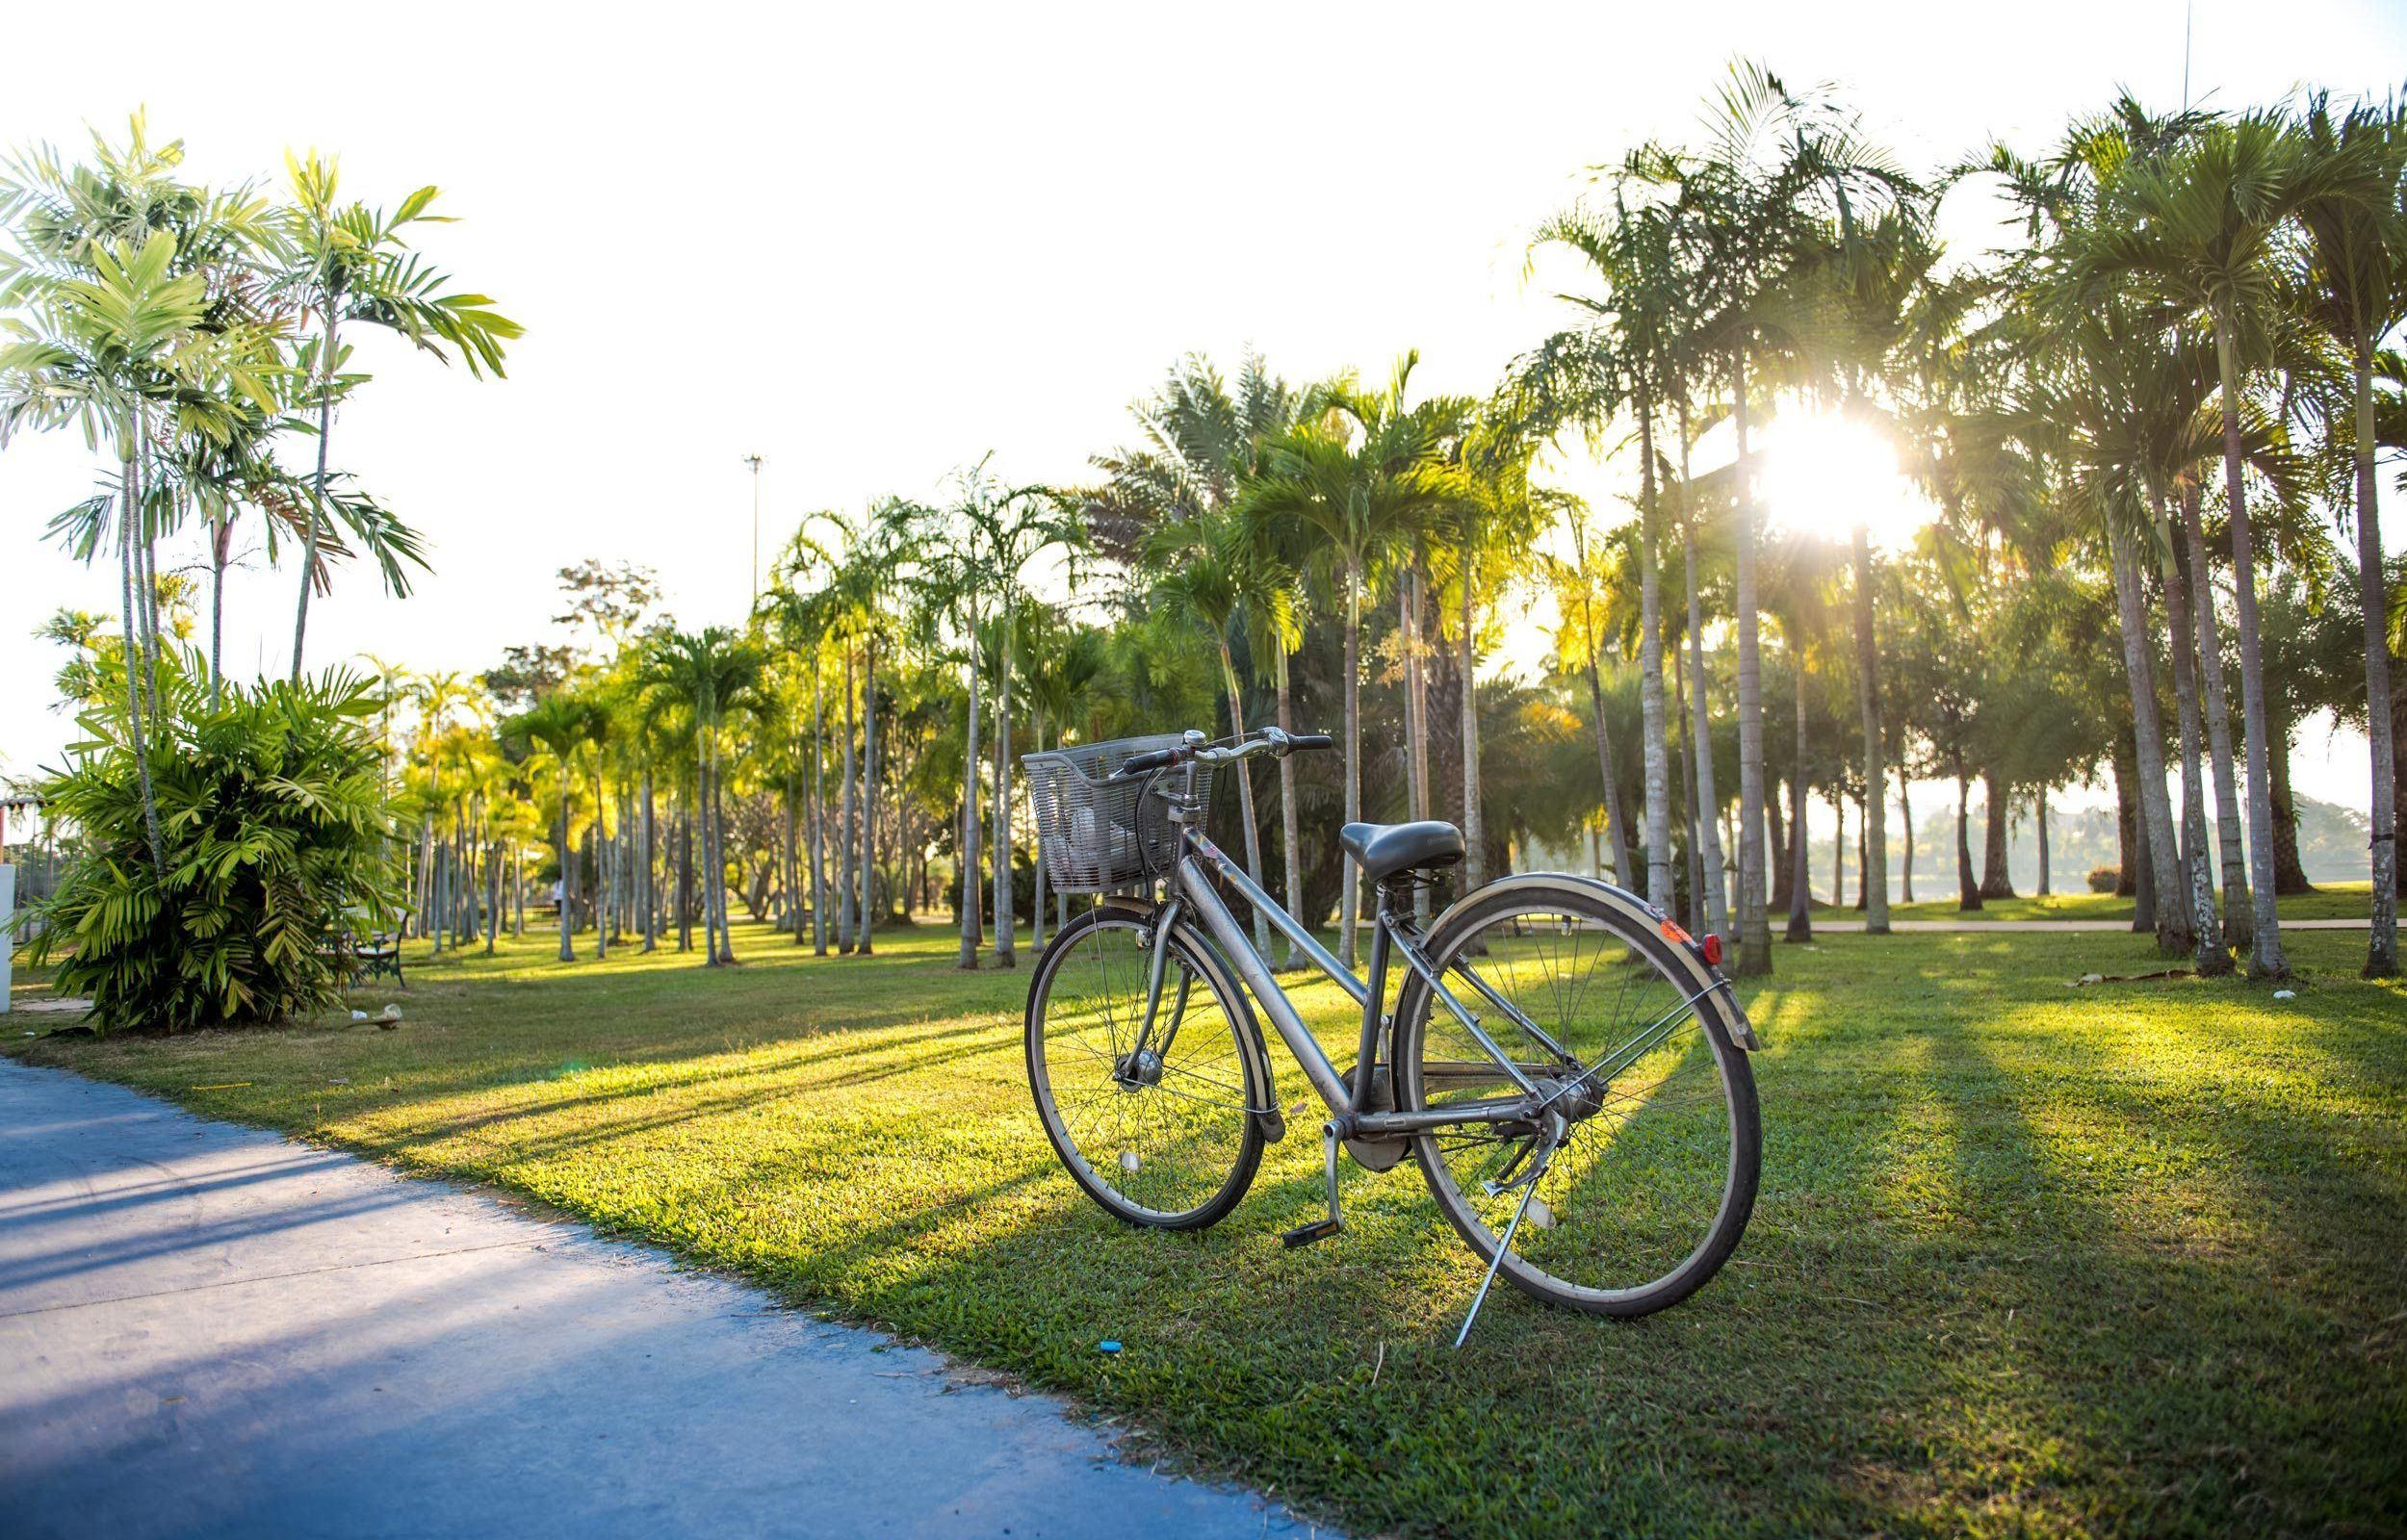 royal-hawaiian-biki-hawaii-bike-rentals